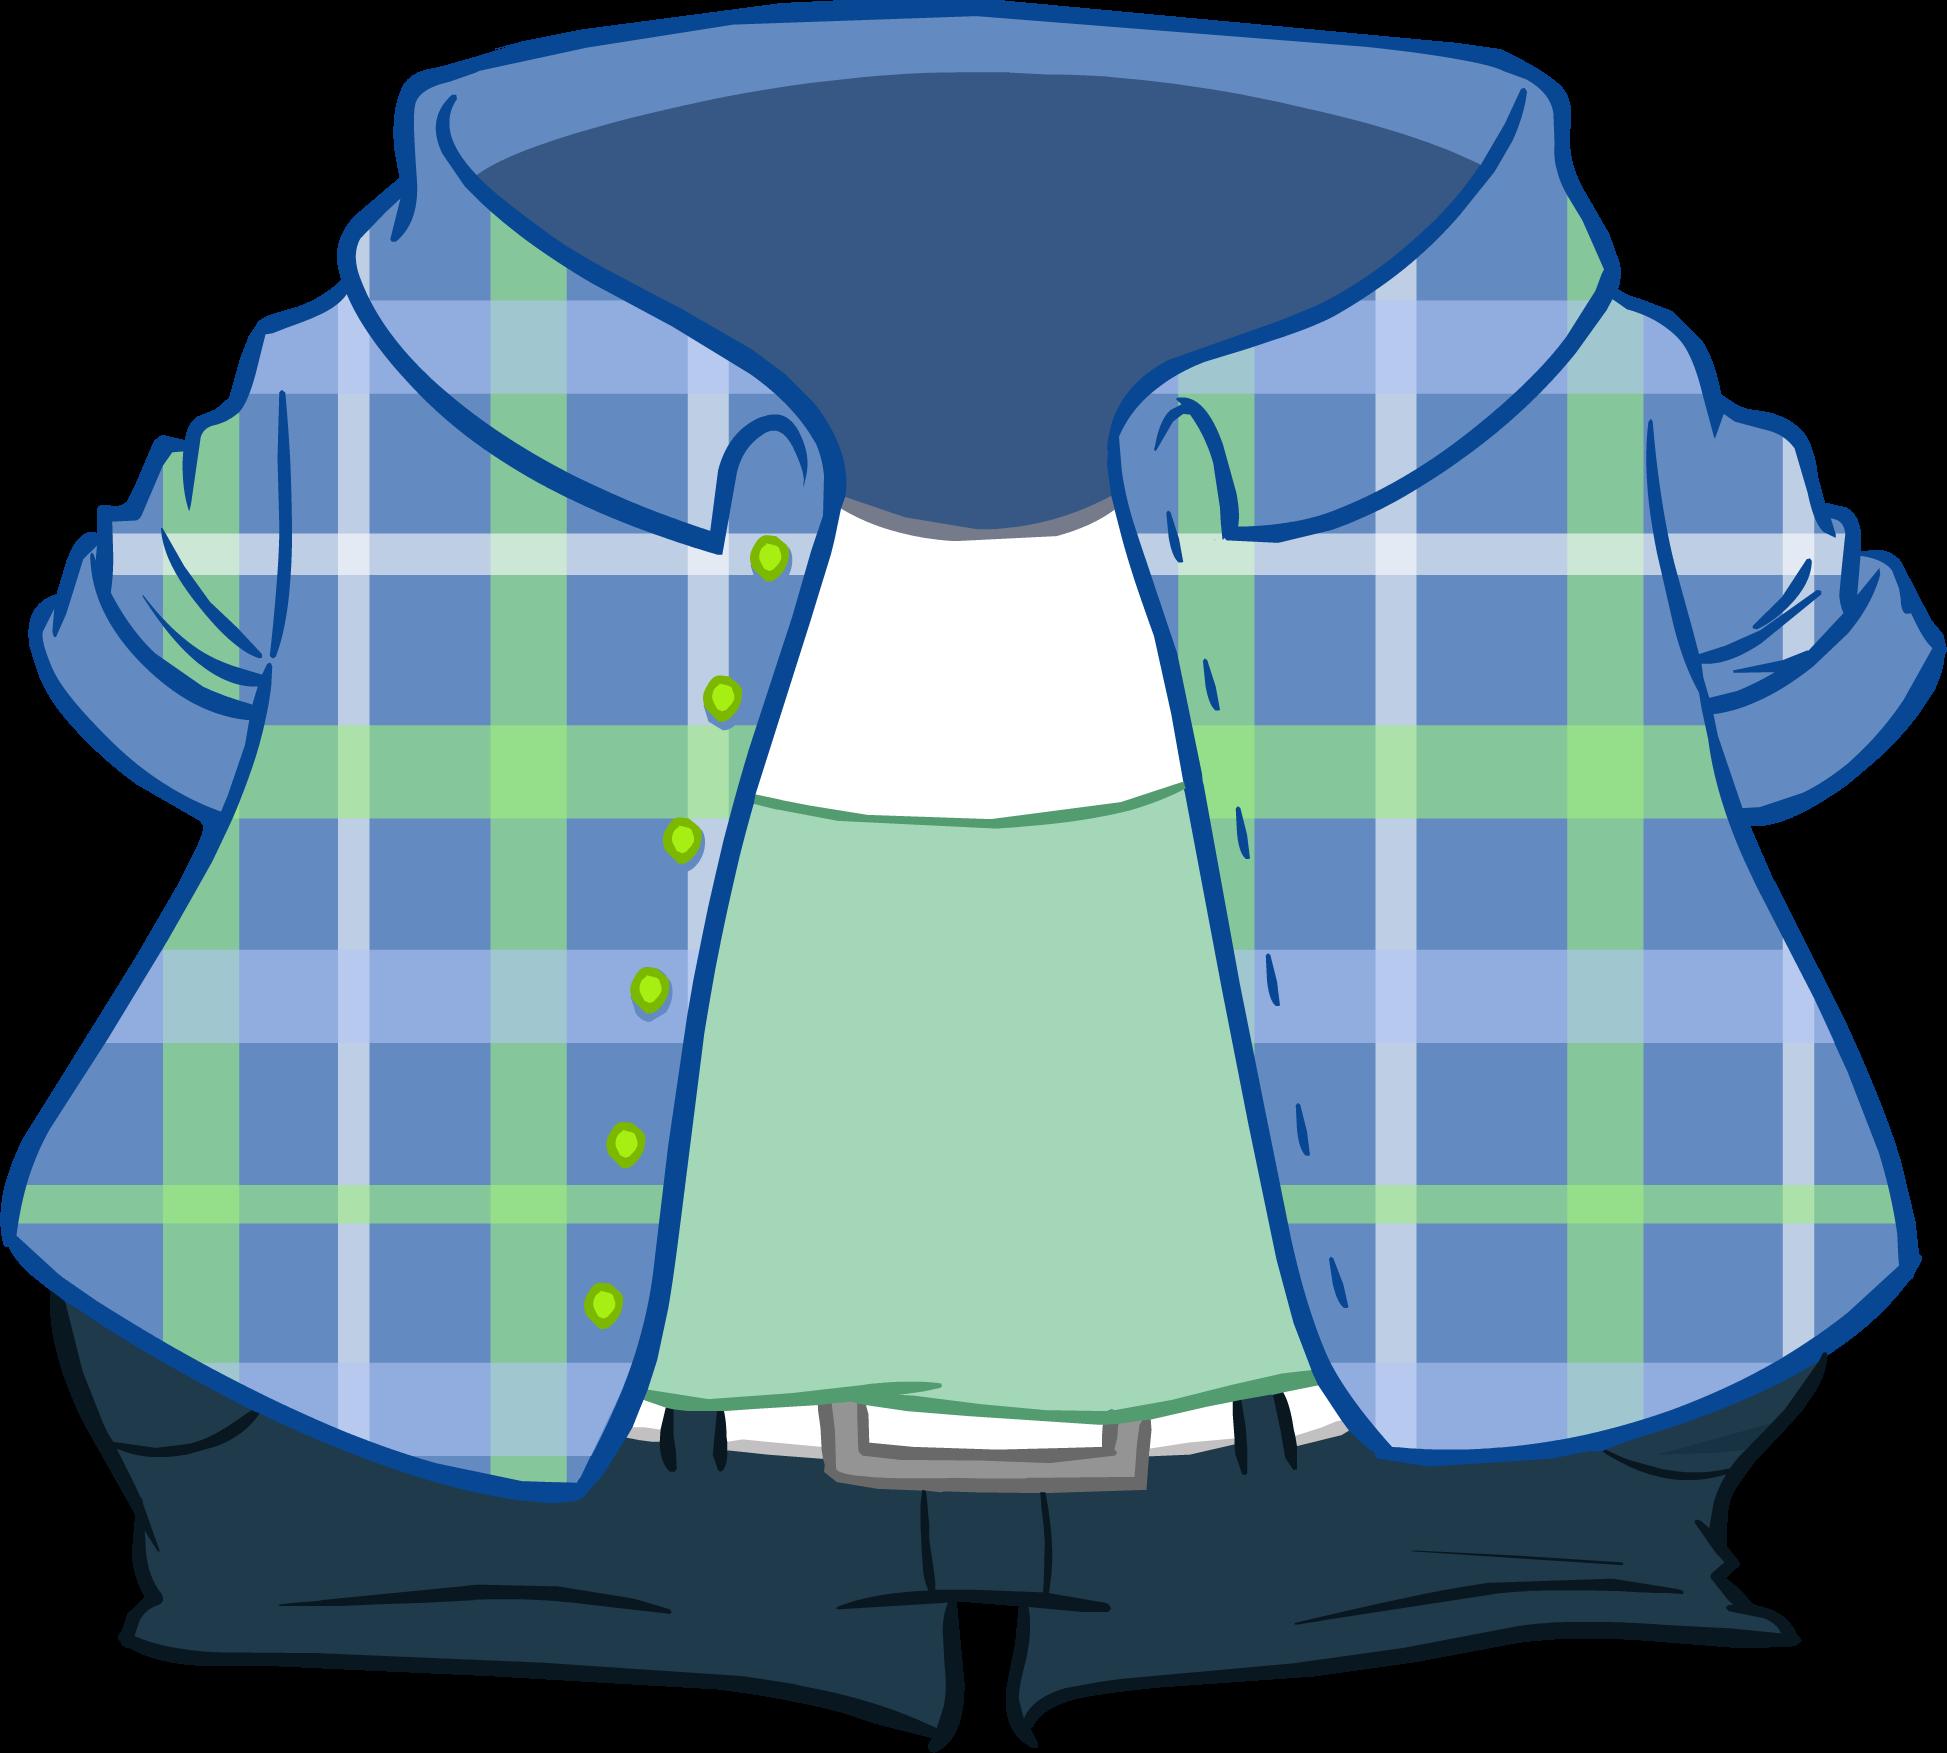 Plaidasaurus club penguin wiki. Clipart shirt plaid shirt